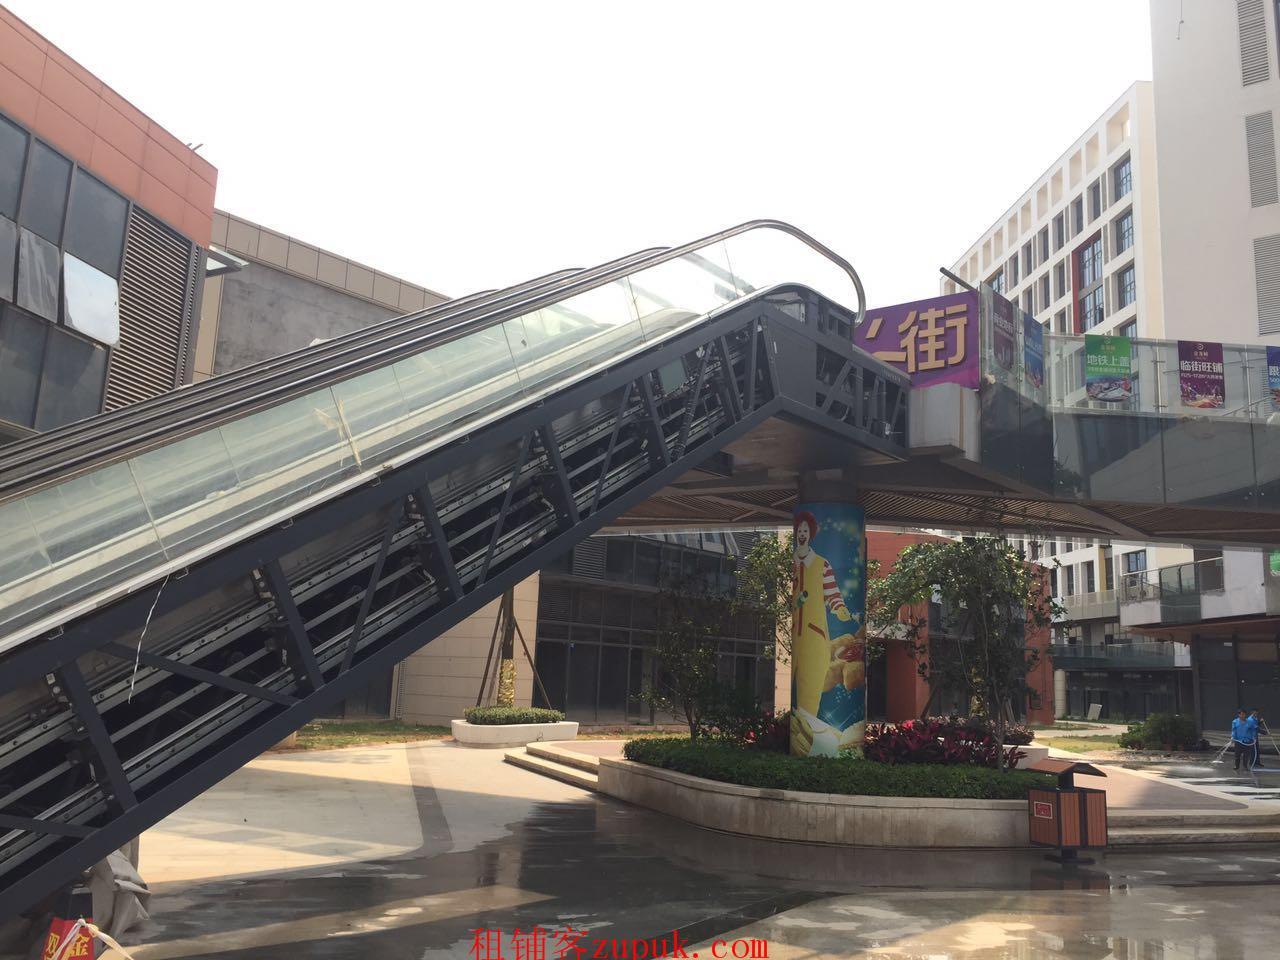 番禺地铁旁,客运站附近,免进场费顶手费,开发商街铺,适宜百业